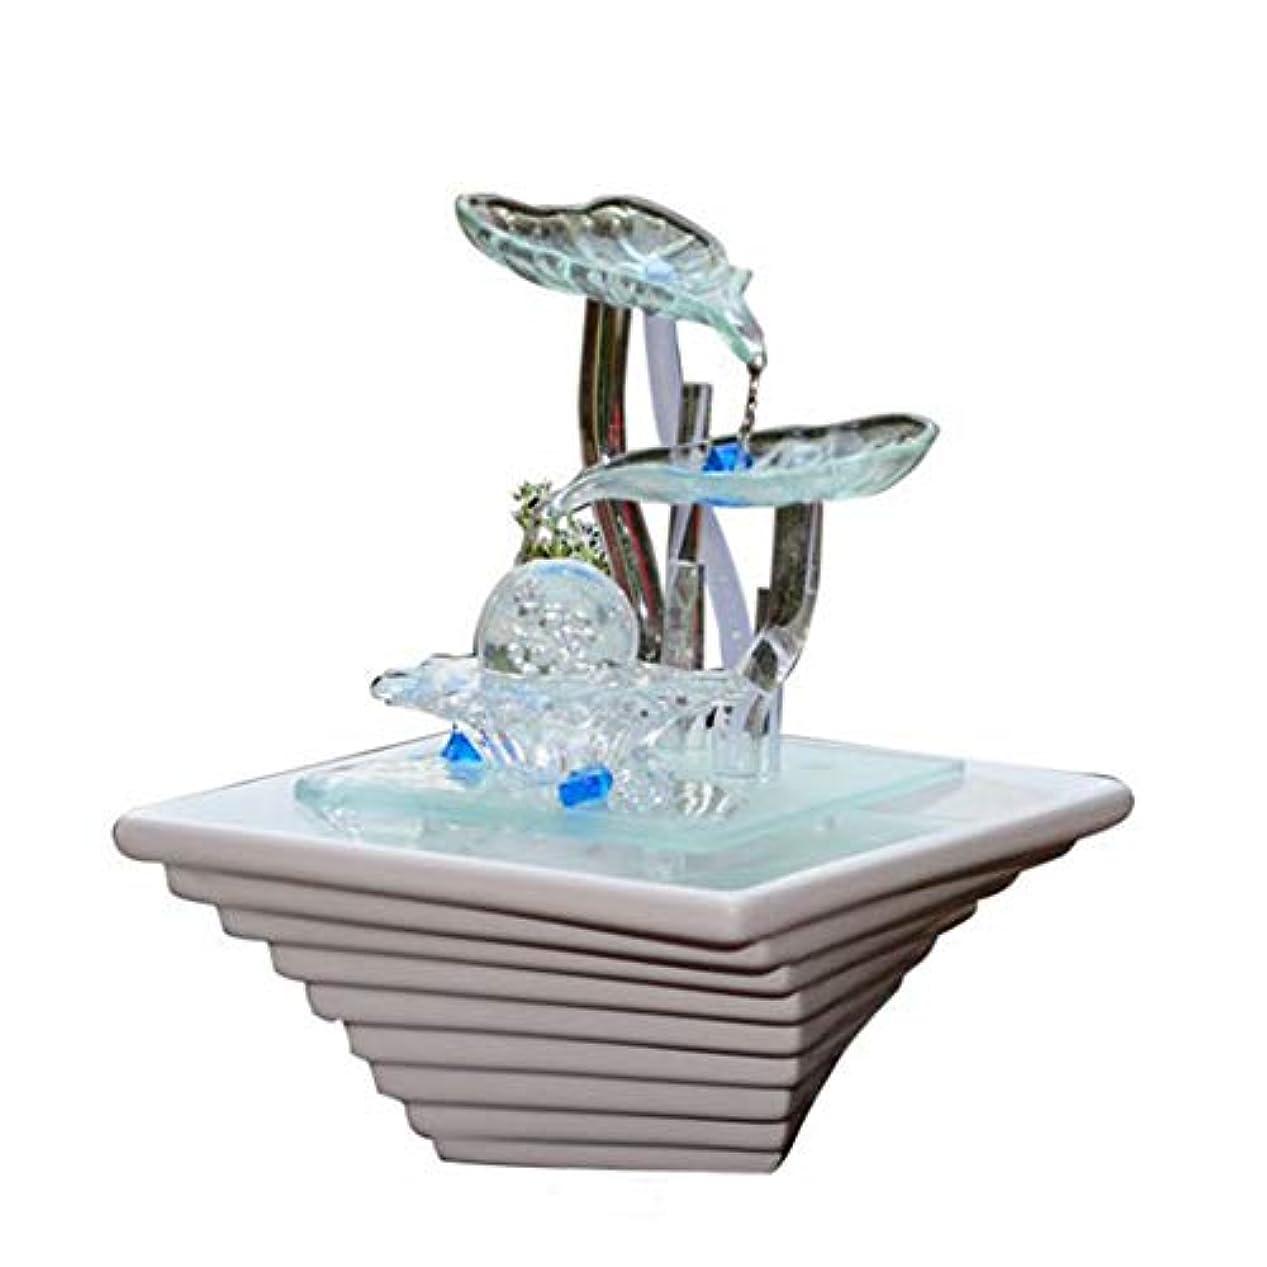 険しい分子アテンダント加湿器ホームデスクトップの装飾セラミックガラス工芸品の装飾品噴水装飾品バレンタインデー結婚式の誕生日パーフェクトギフト